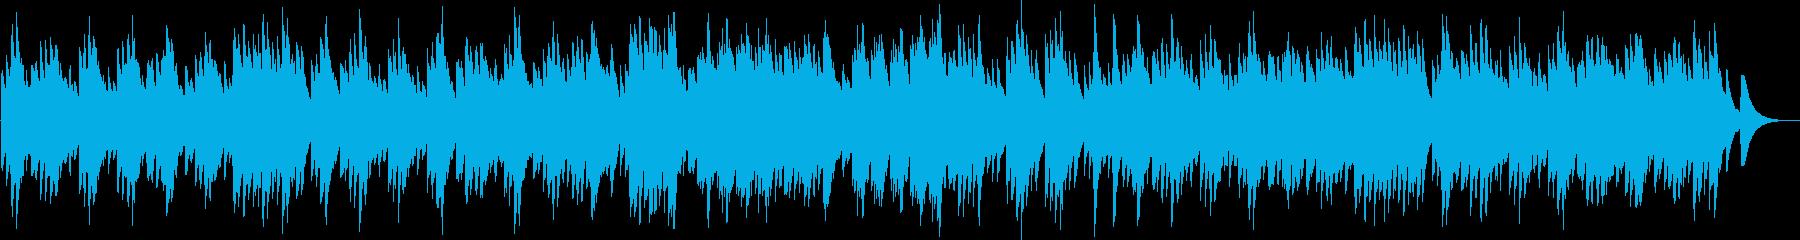 時の踊り/ポンキエルリ(オルゴール)の再生済みの波形